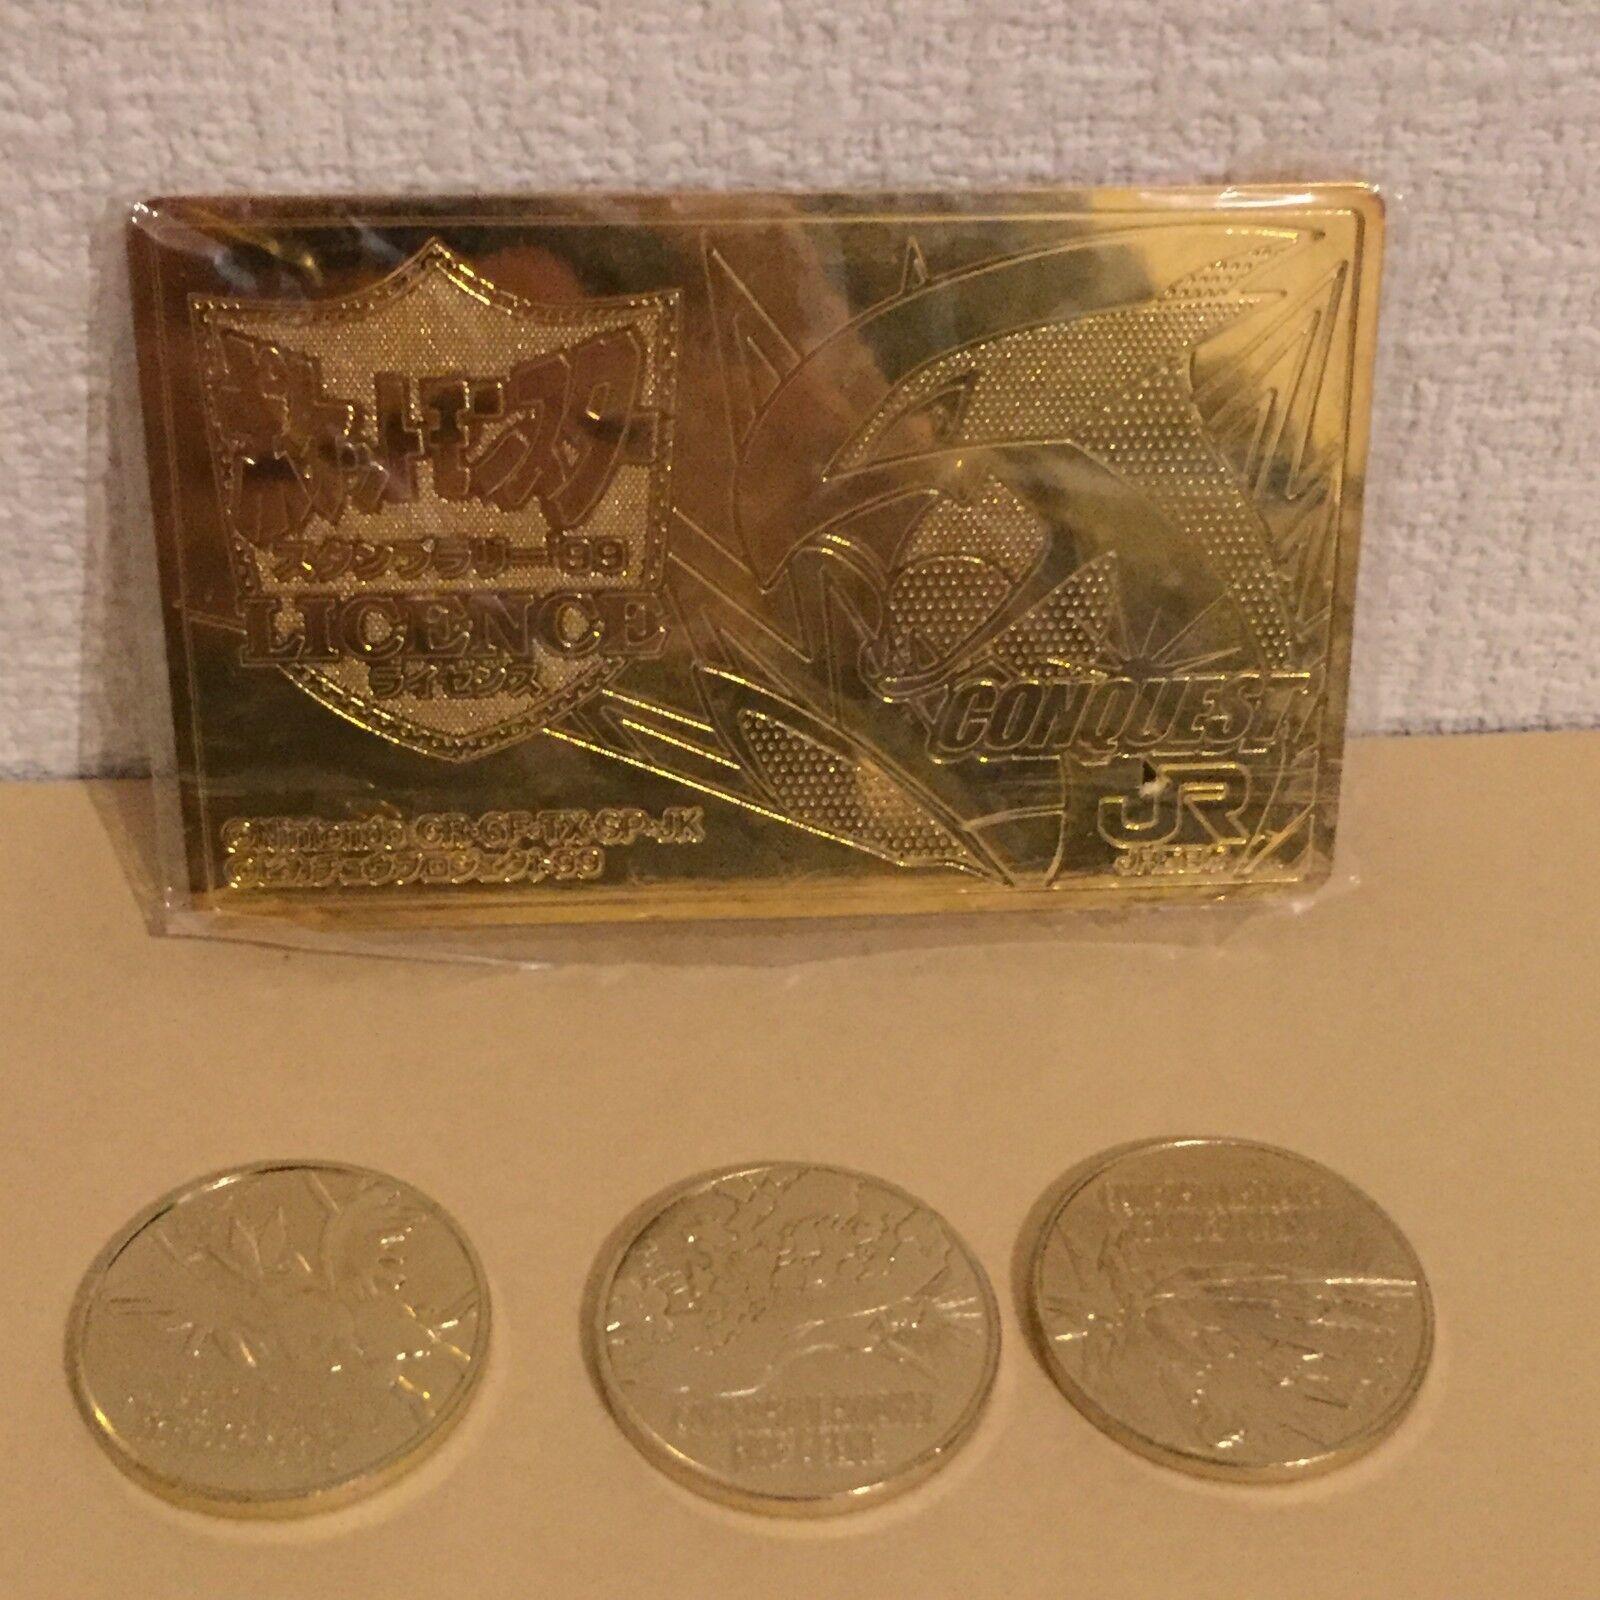 Very Rare JAPAN Pokemon JR Stamp Rally 99 Lugia Zapdos Articuno Moltres coin